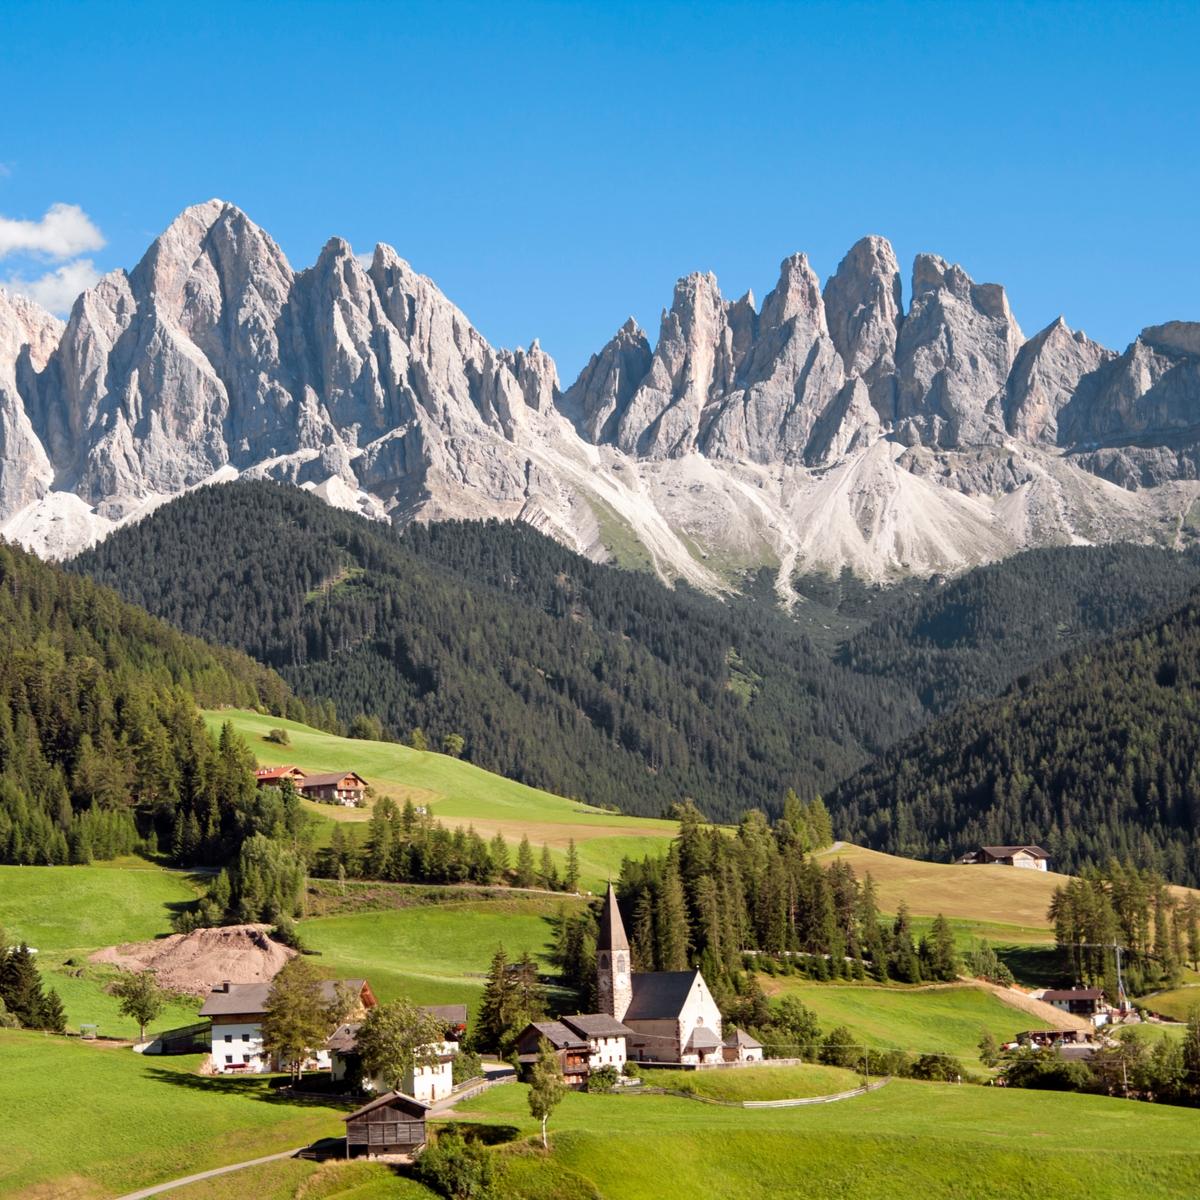 Die besten Yoga-Reiseziele Europas: Kärnten & Tirol, Österreich